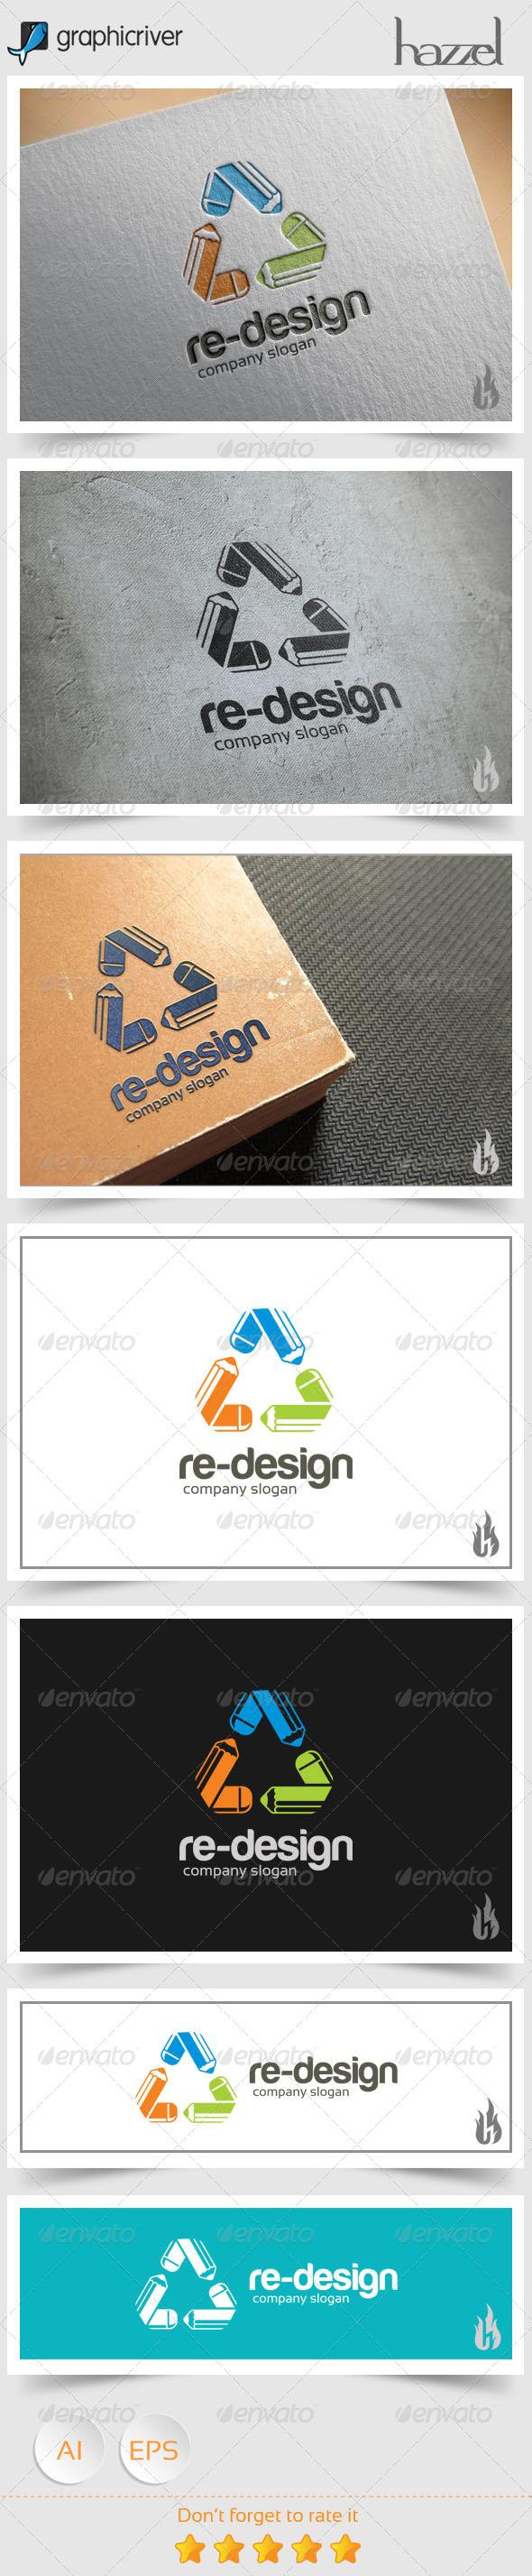 GraphicRiver Redesign Logo 8639790